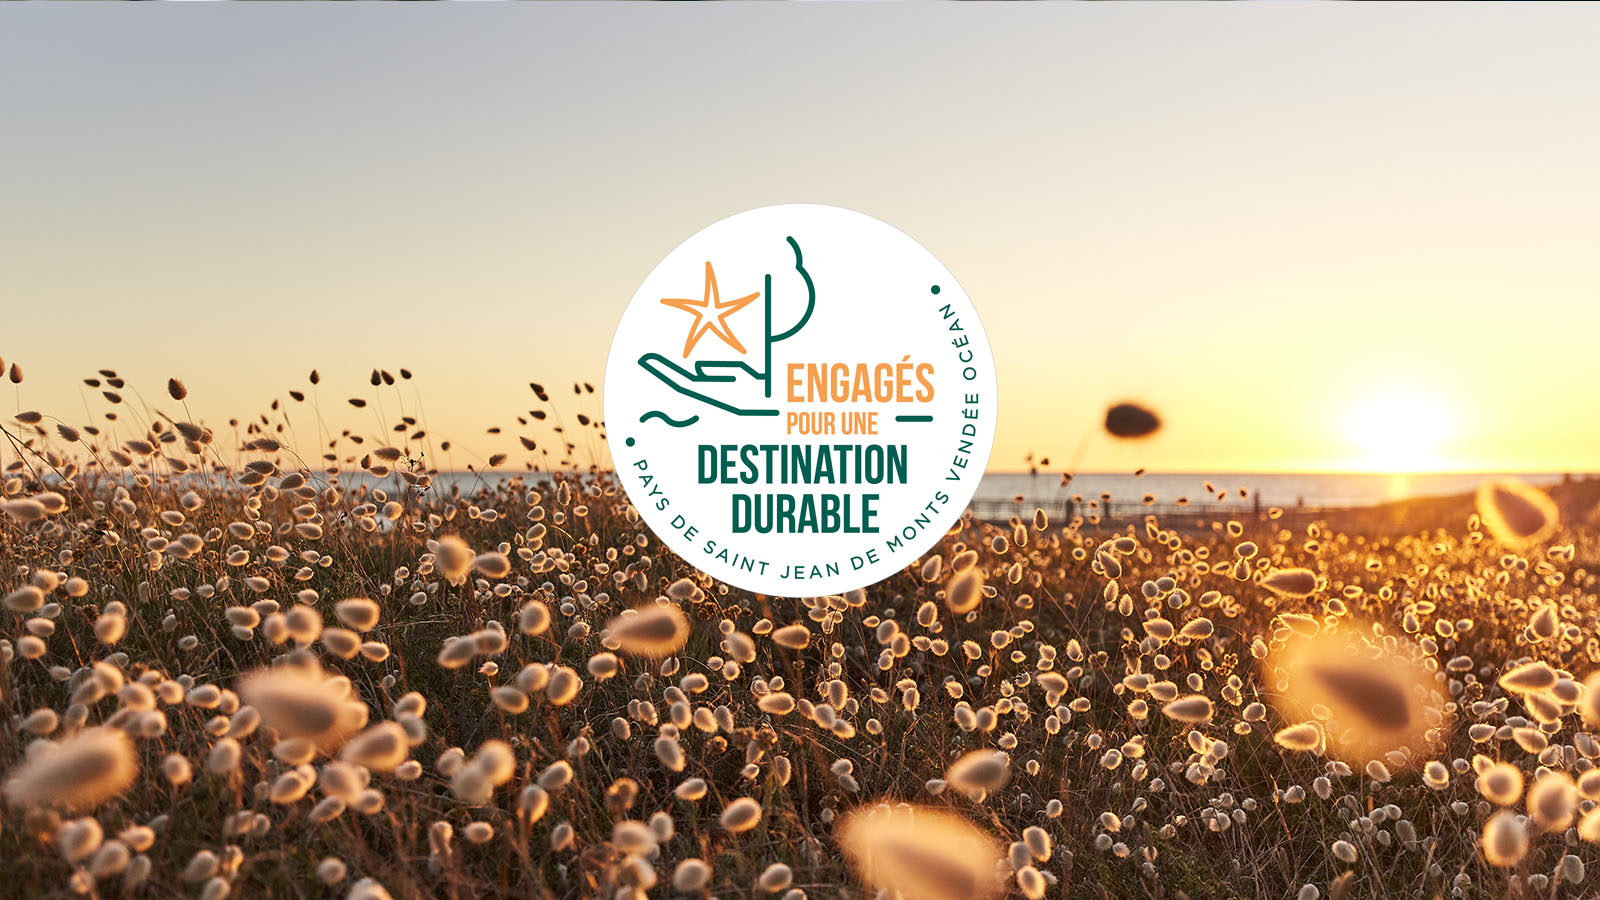 certification-label-sustainable-tourism-alamoureux-pays-de-saint-jean-de-monts